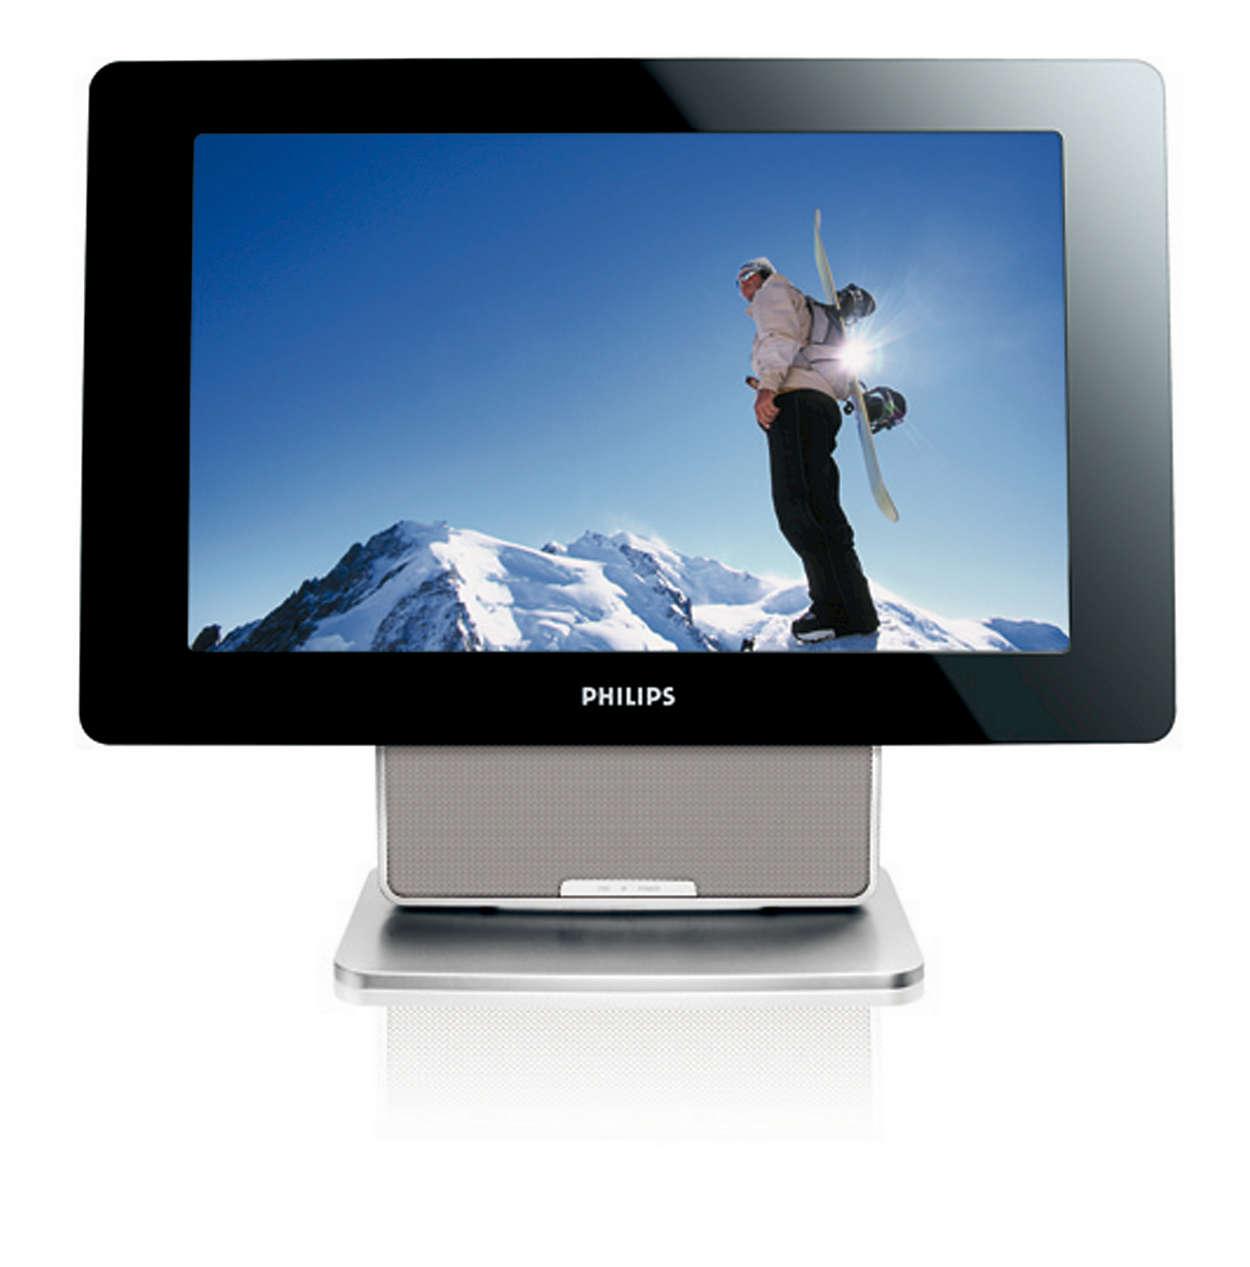 Užijte si přenosnou digitální TV!